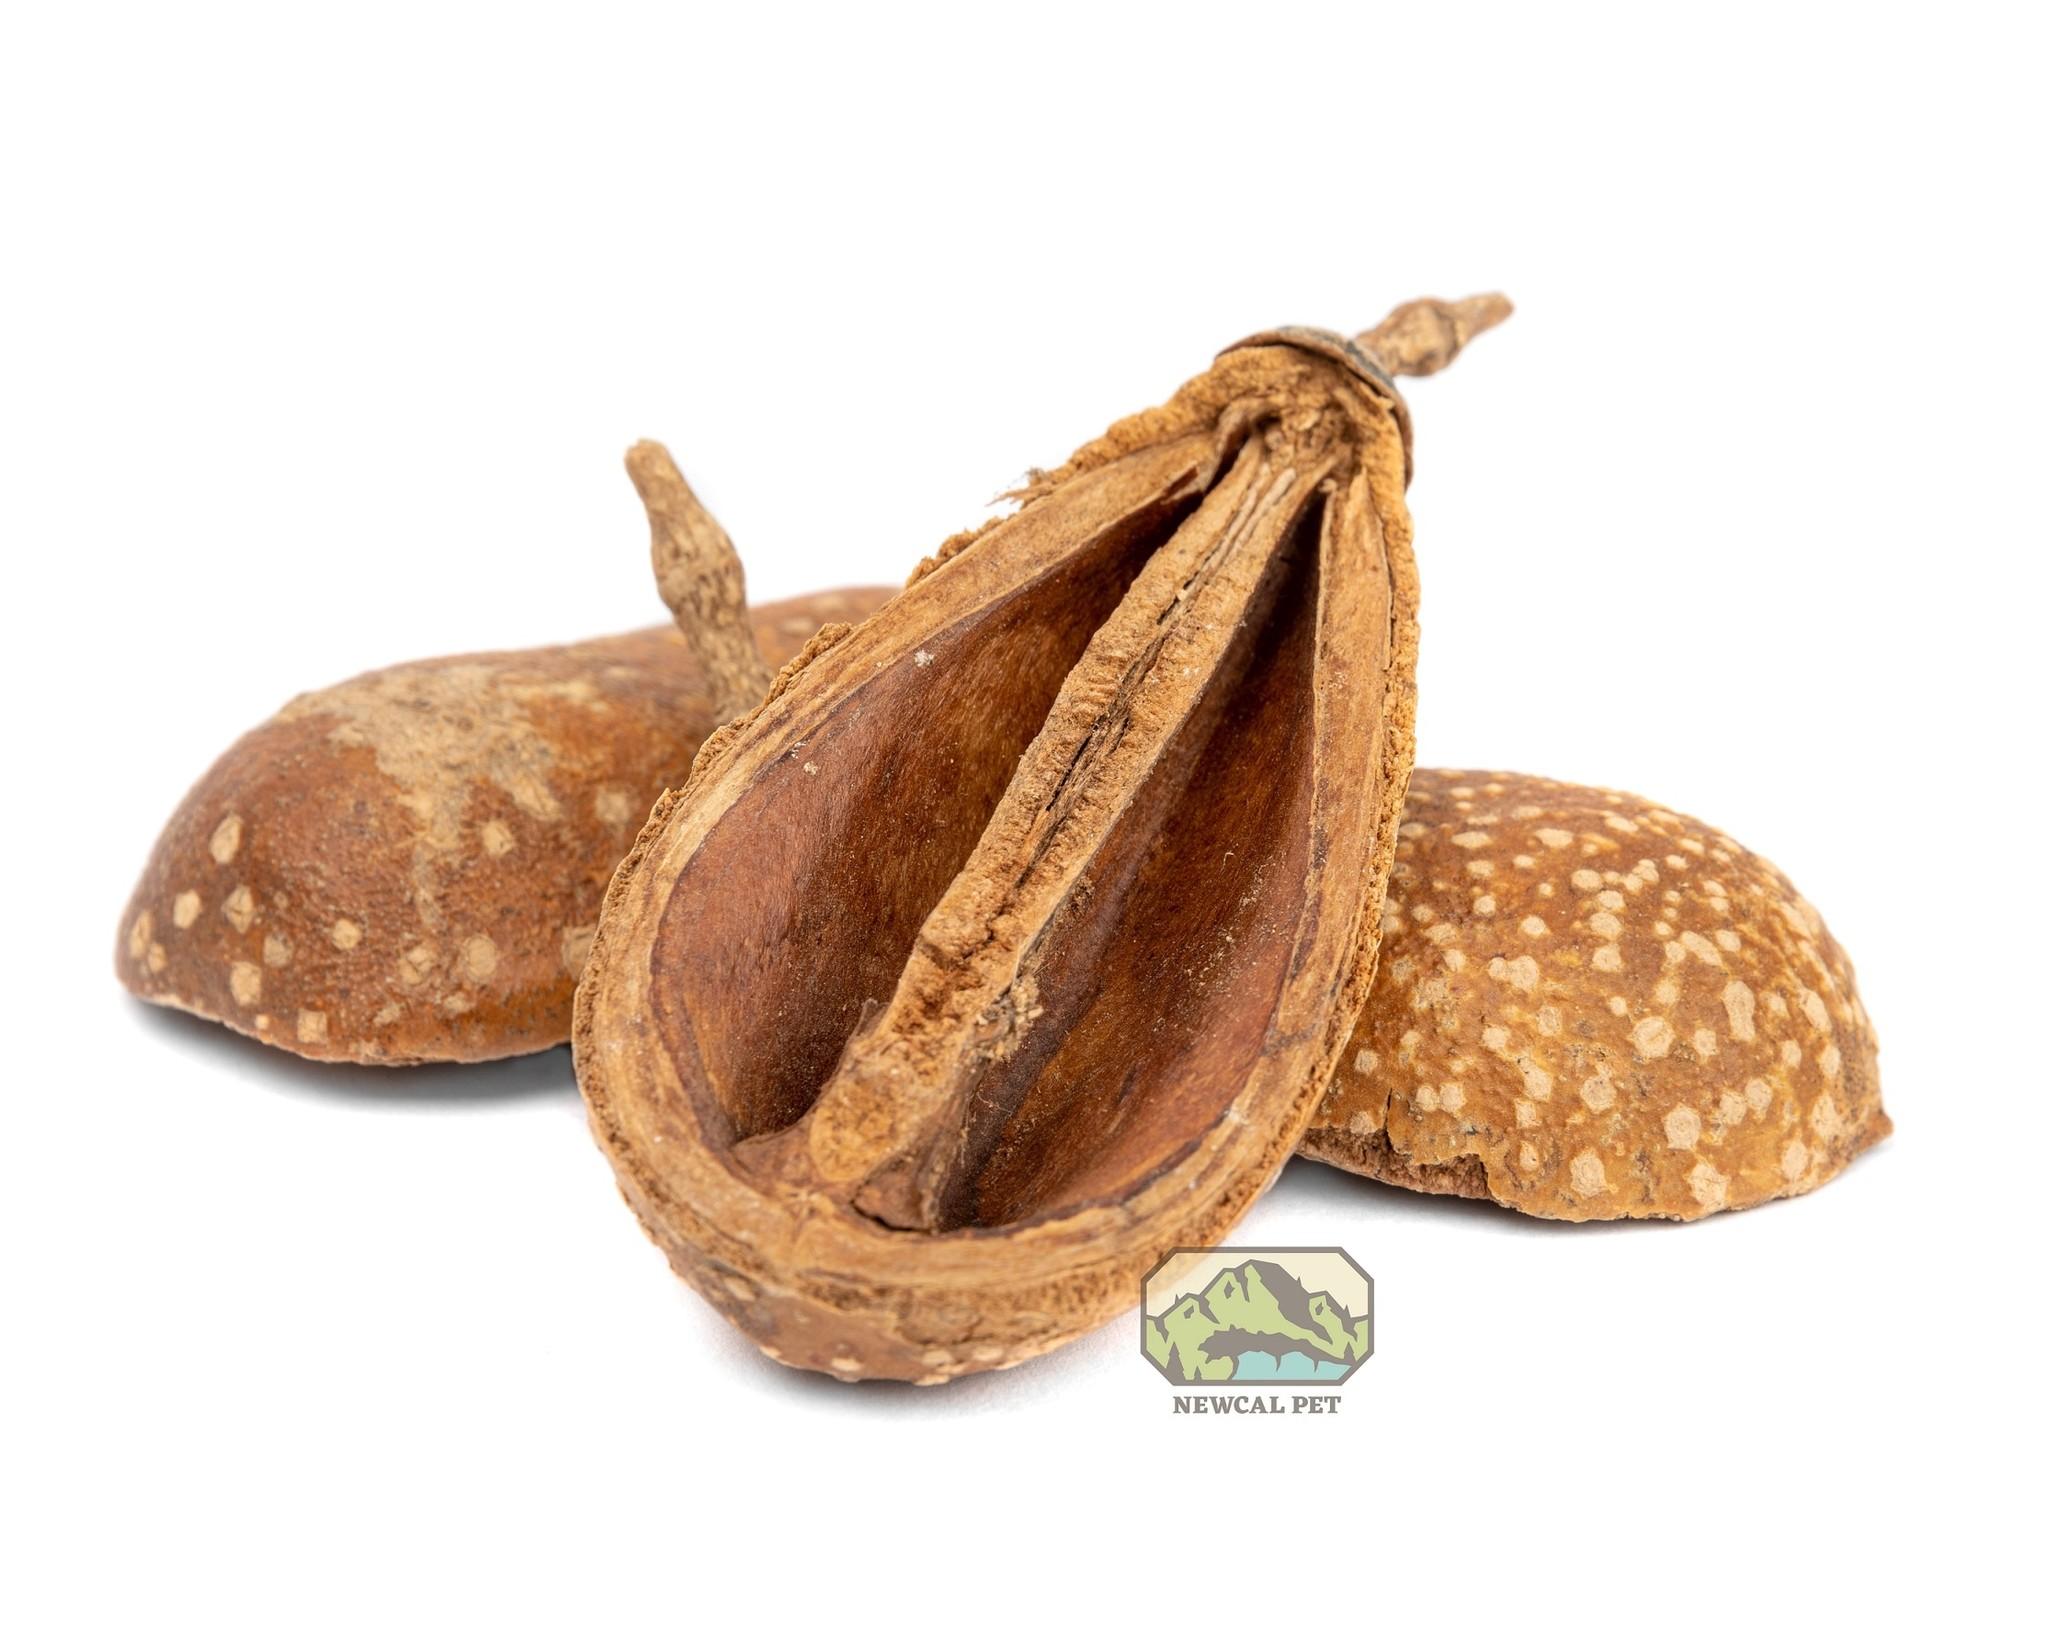 Newcal Pet NewCal Pear Pods 1.5 oz